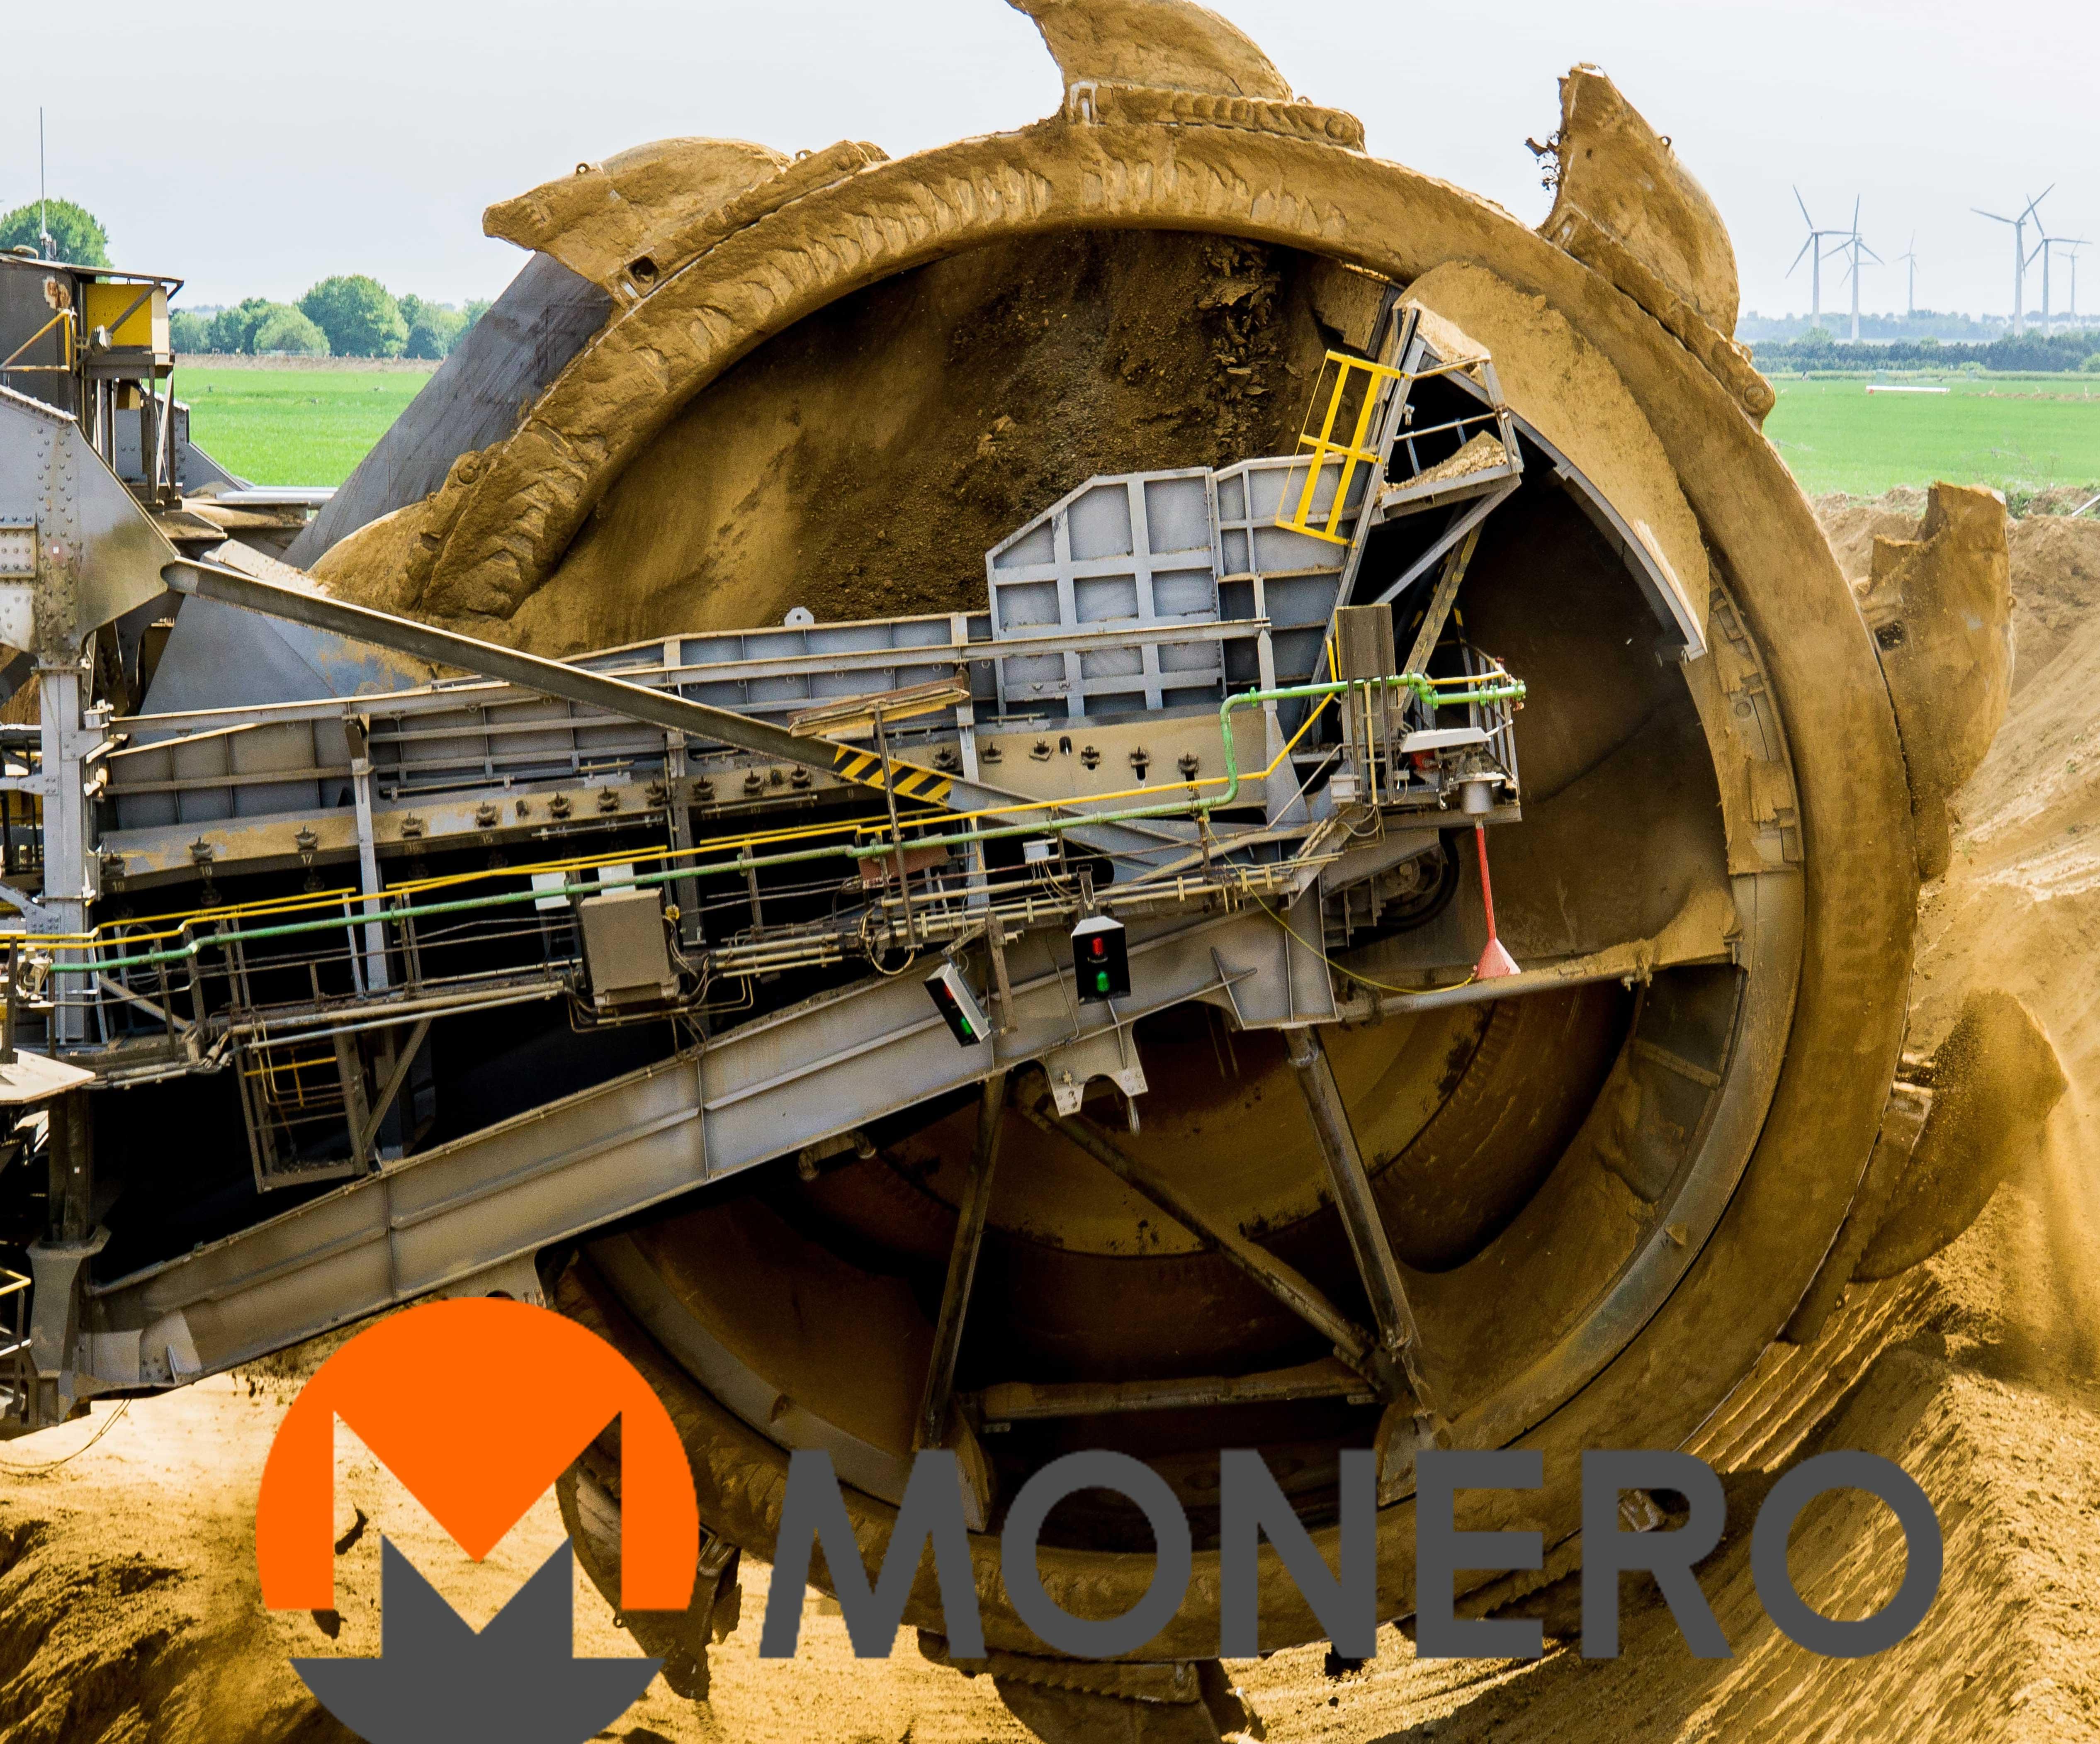 monero cryptocurrency miner